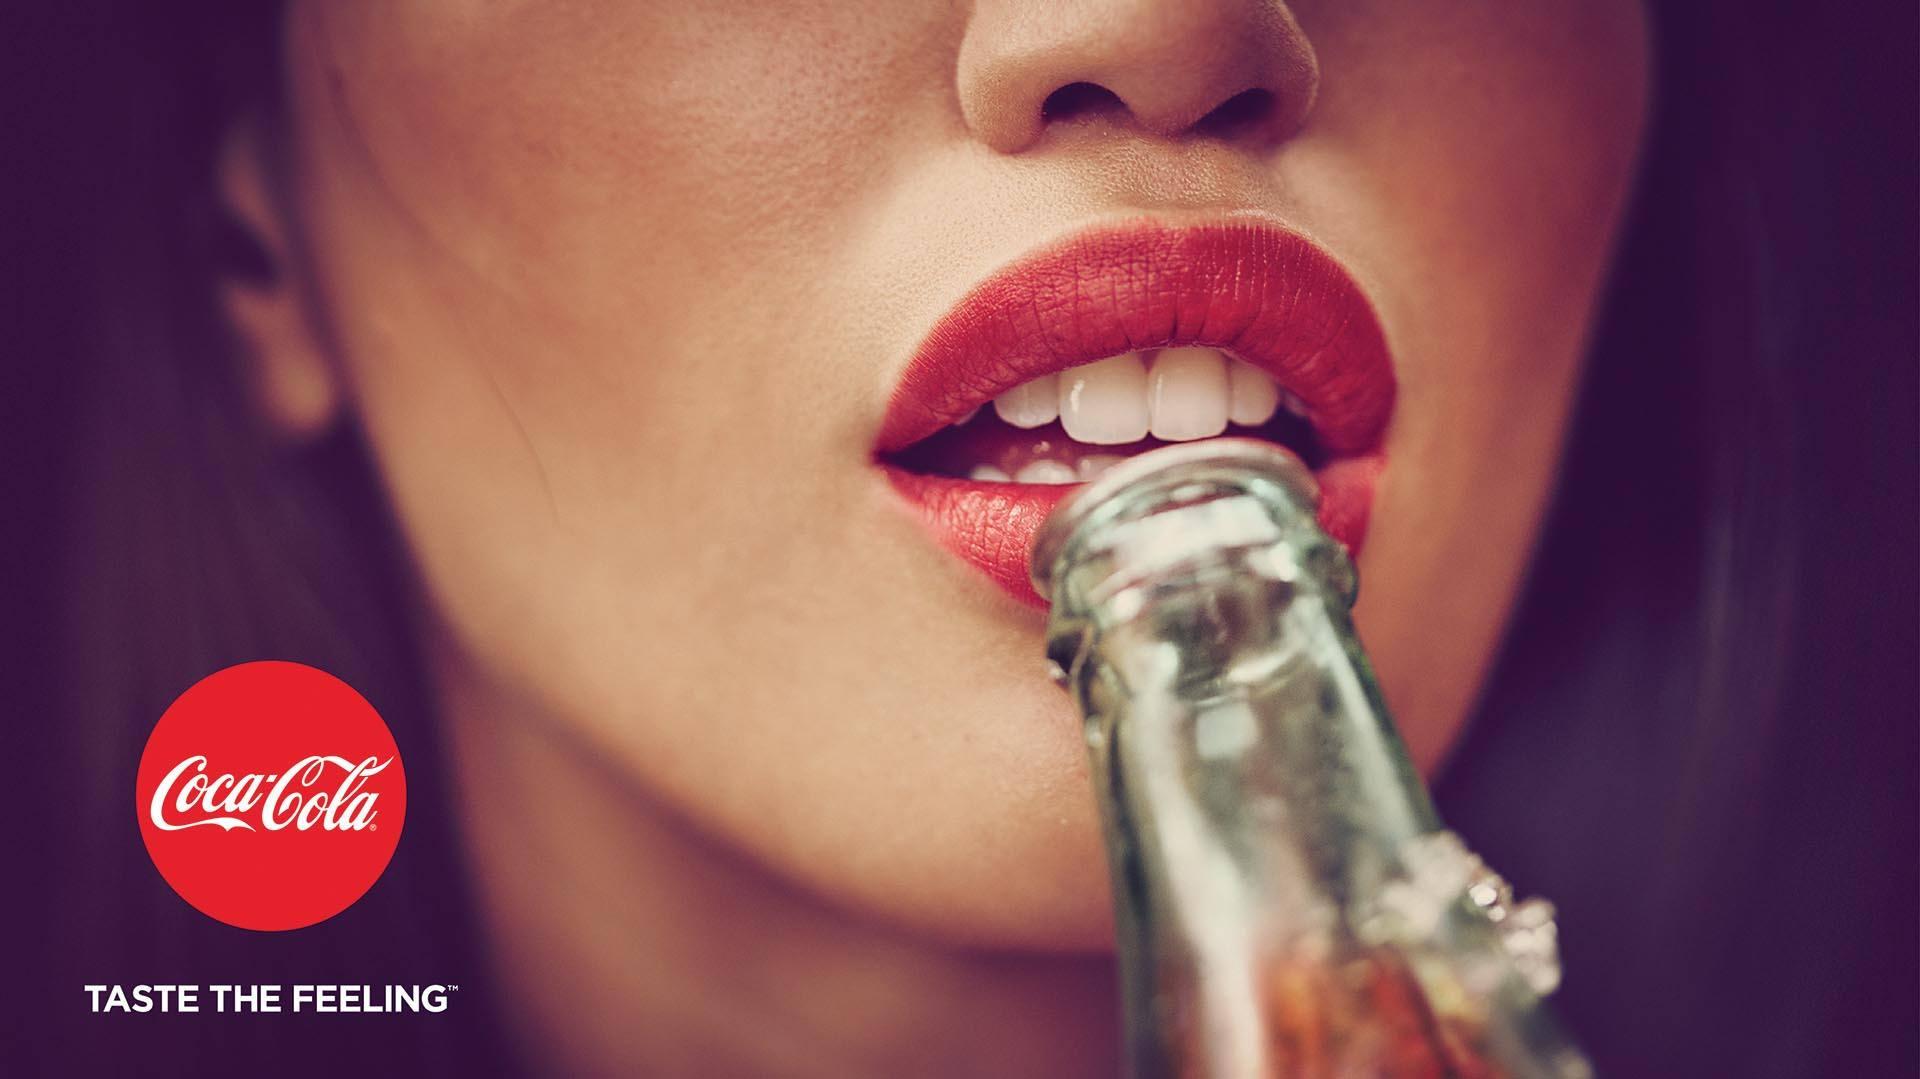 """Coca-Cola's """"Taste the Feeling"""" campaign"""